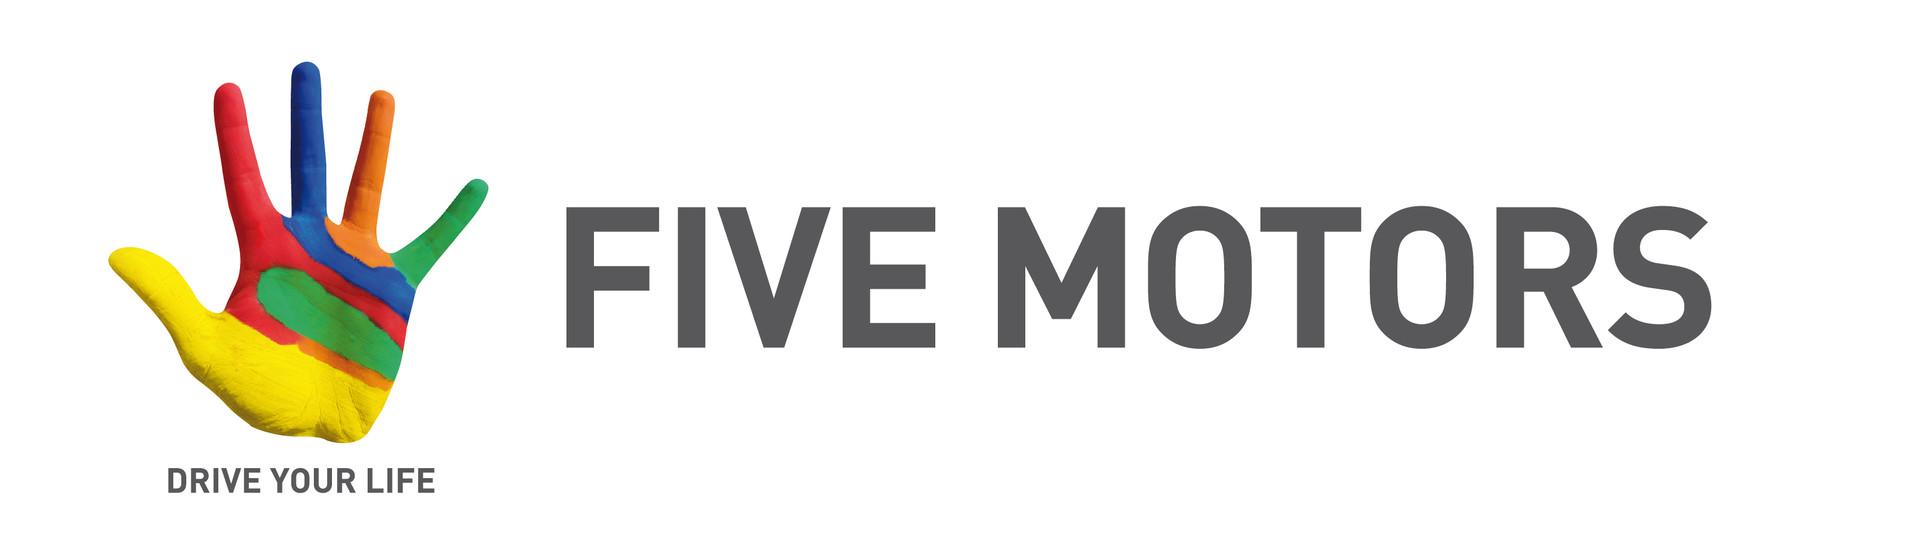 Five Motors Srl